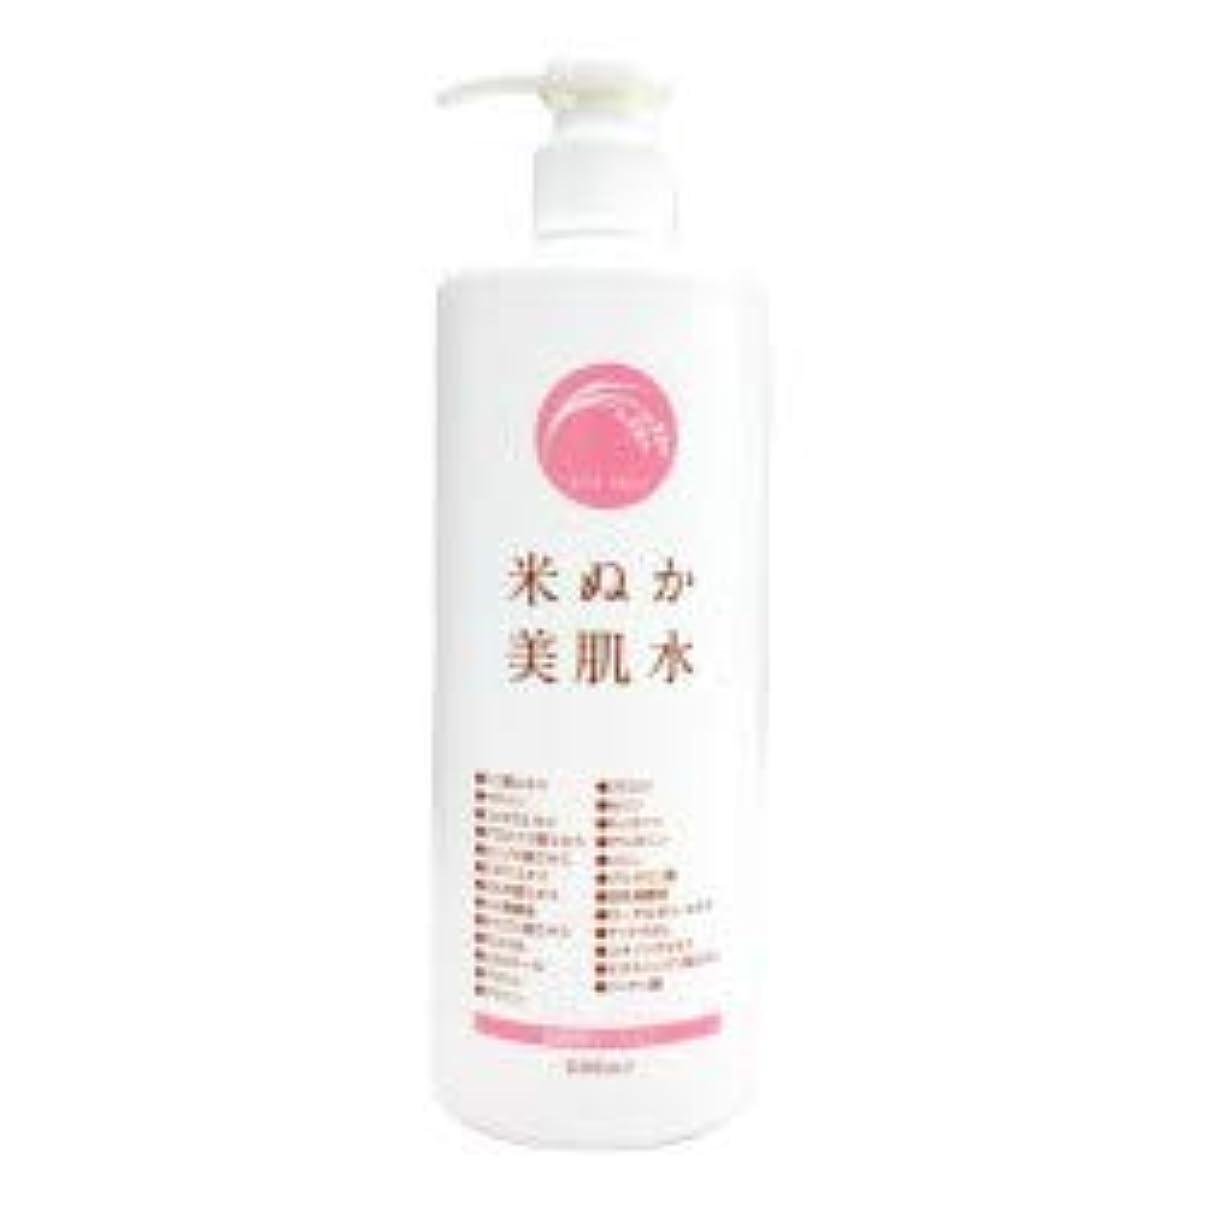 落とし穴ランチ振動するコメヌカエキス コメ発酵液 配合 顔 ボディ用化粧水 米ぬか美肌水 500ml